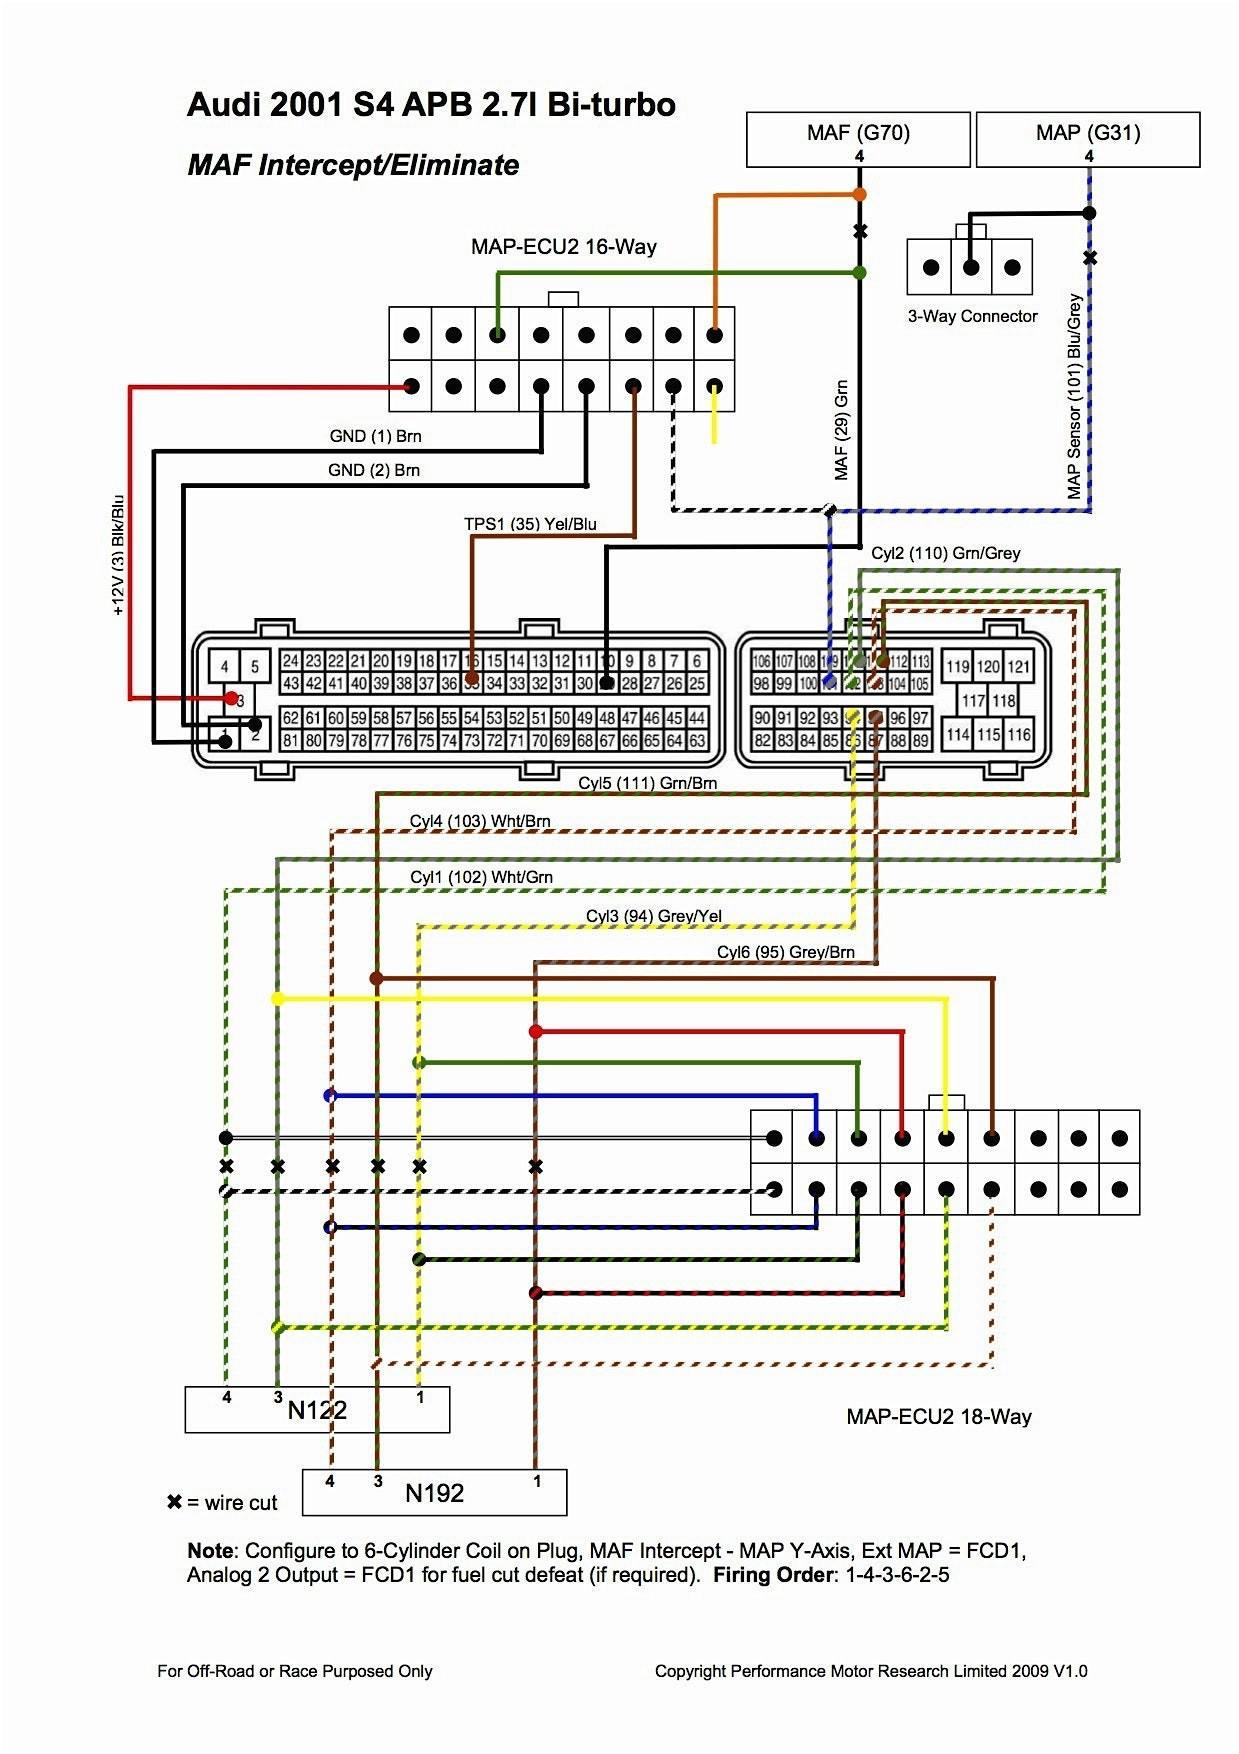 WK_1508] Stereo Wiring Diagram Ford Ranger Schematic Wiring | Ford Ranger Radio Wiring Diagram |  | Unde Aeocy Xaem Bedr Isra Mohammedshrine Librar Wiring 101